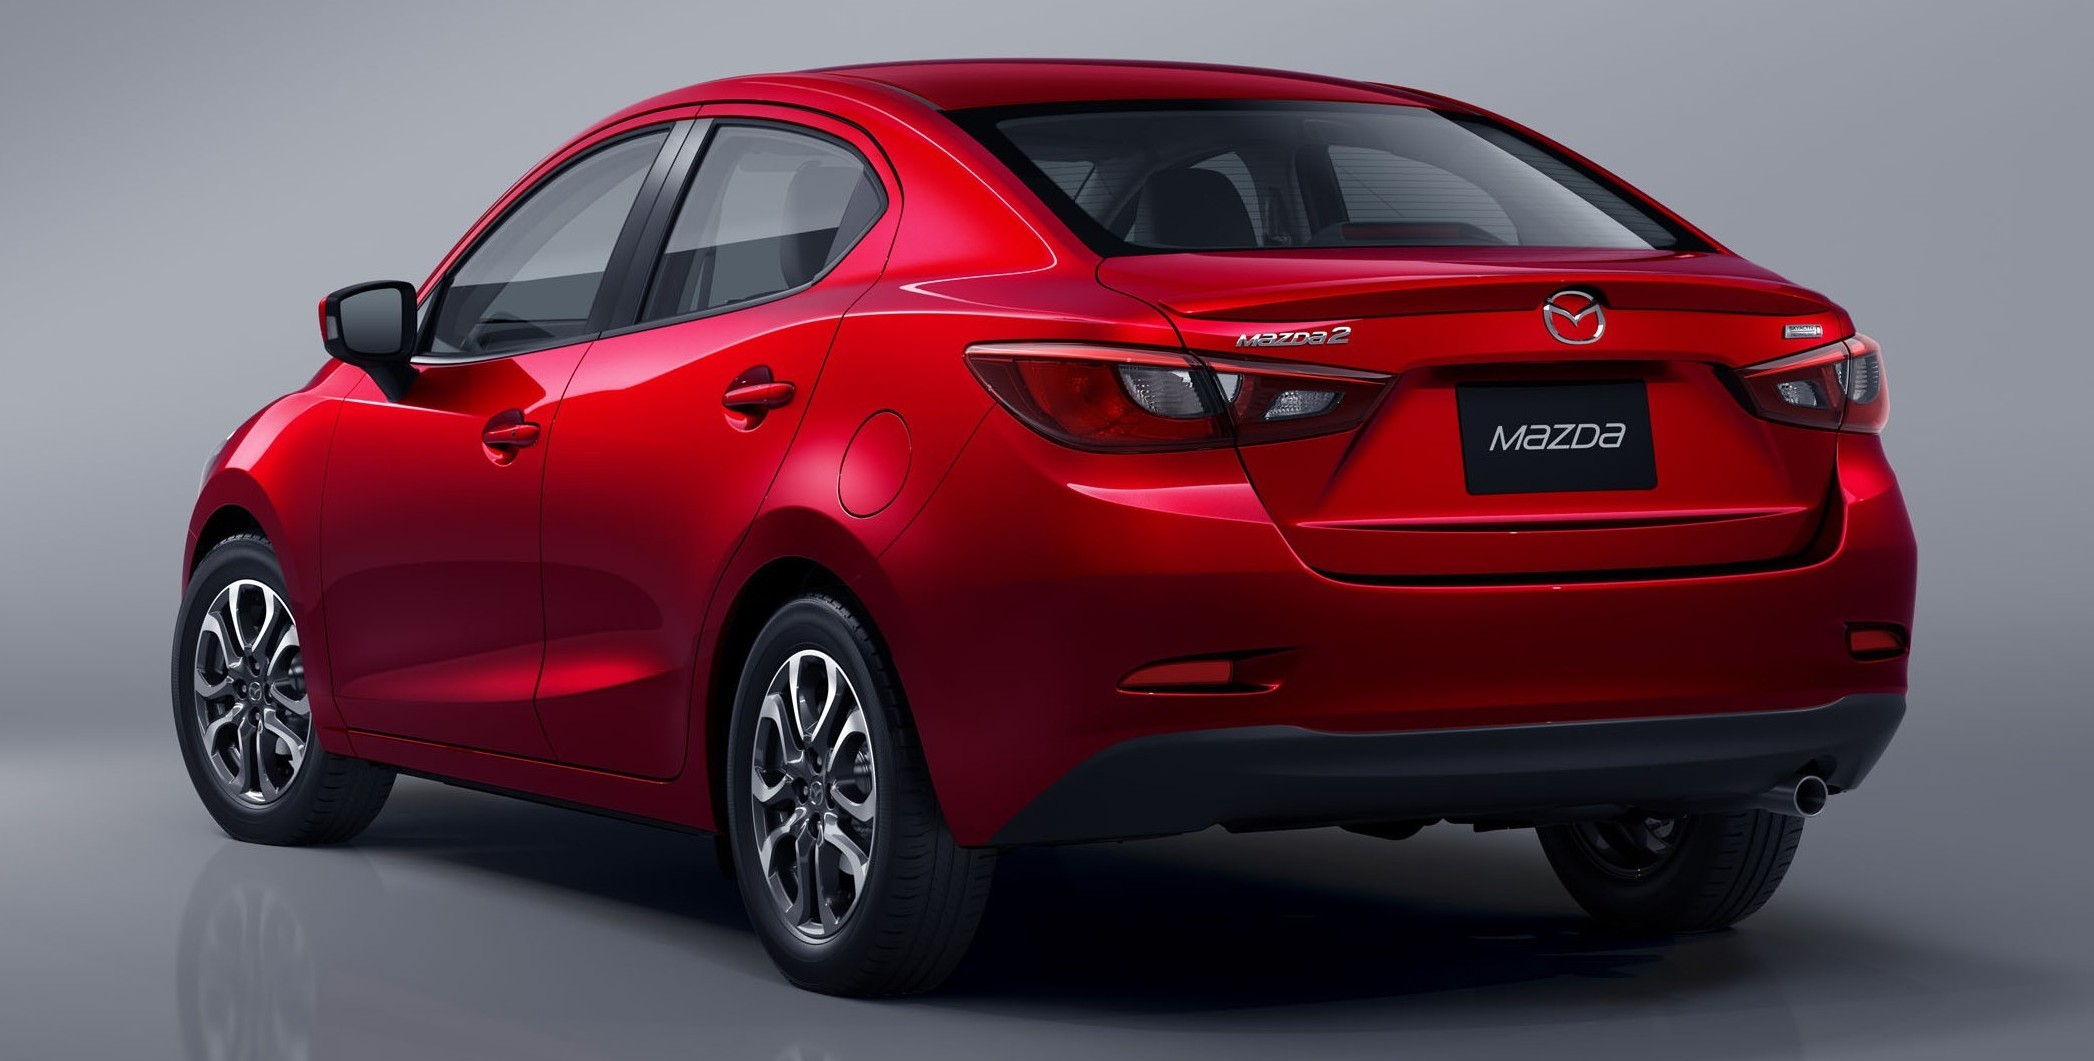 Kelebihan Mazda 2 2014 Top Model Tahun Ini